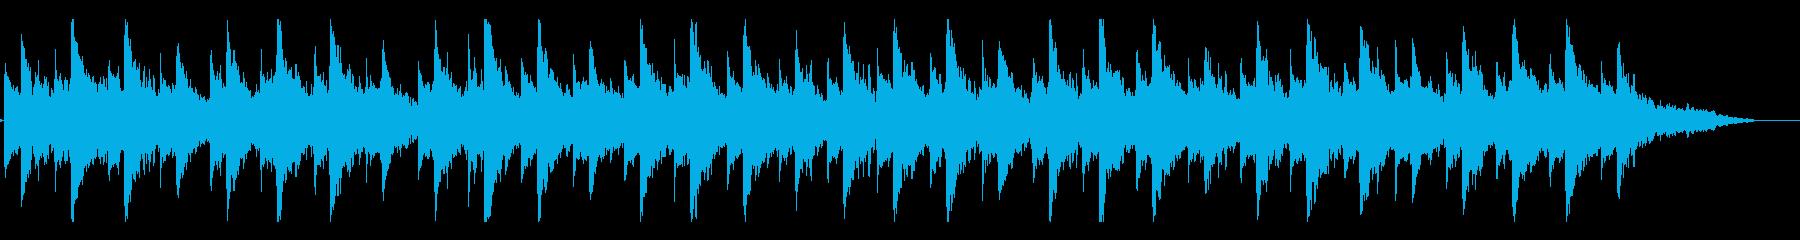 幻想的過ぎる ジムノペディ イントロの再生済みの波形